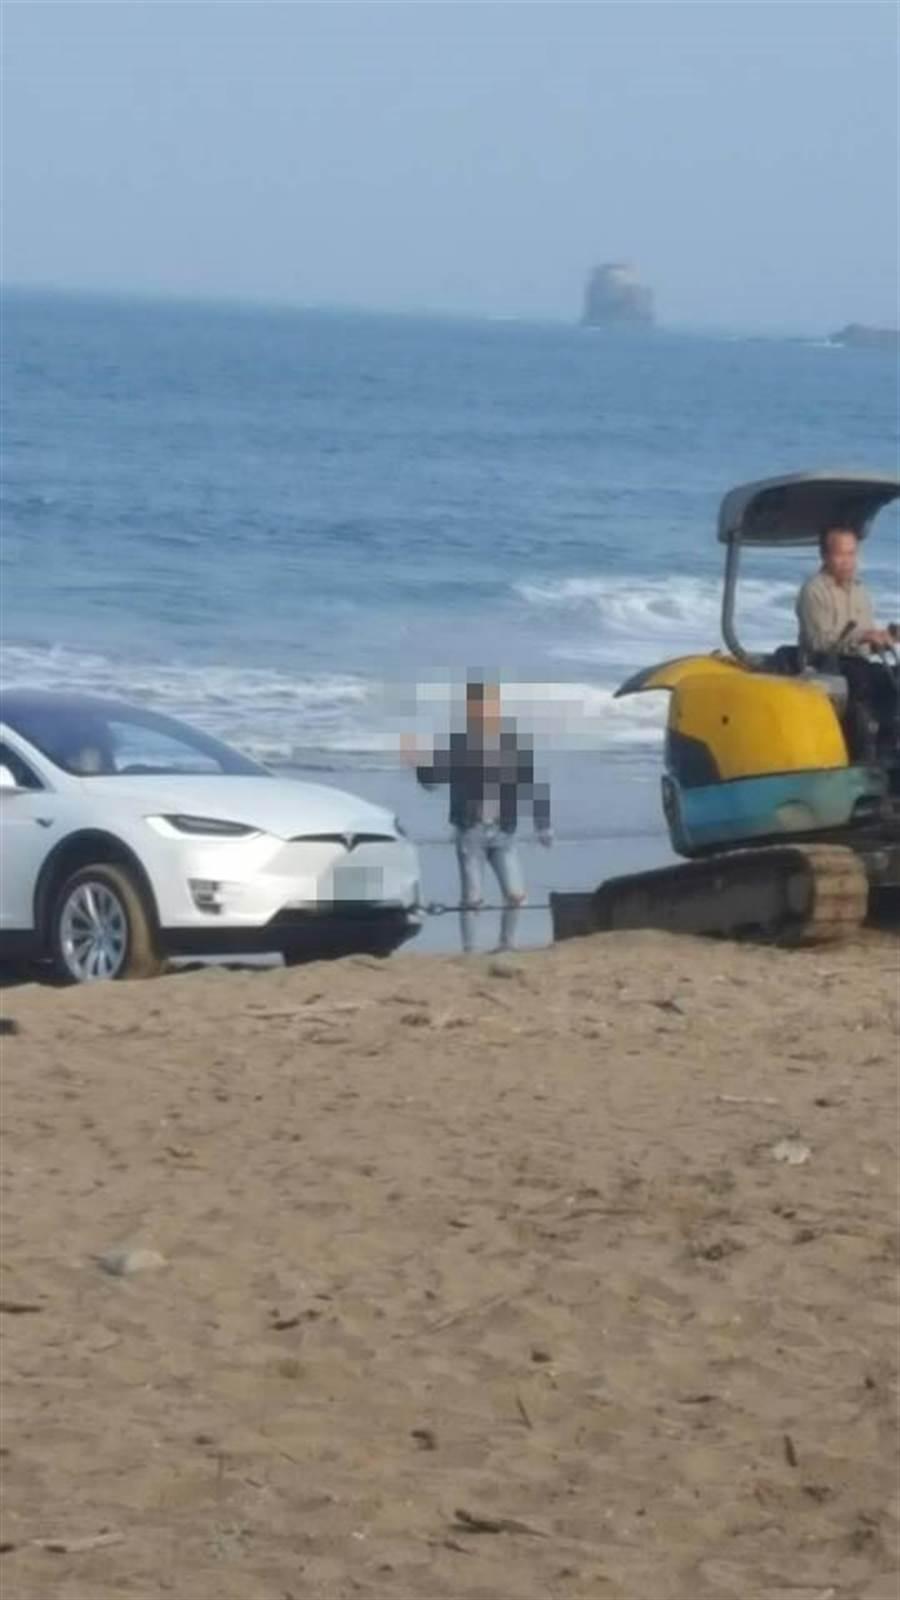 又有民眾疑似到海灘賞夕陽被卡住。(圖/翻攝自爆廢公社)